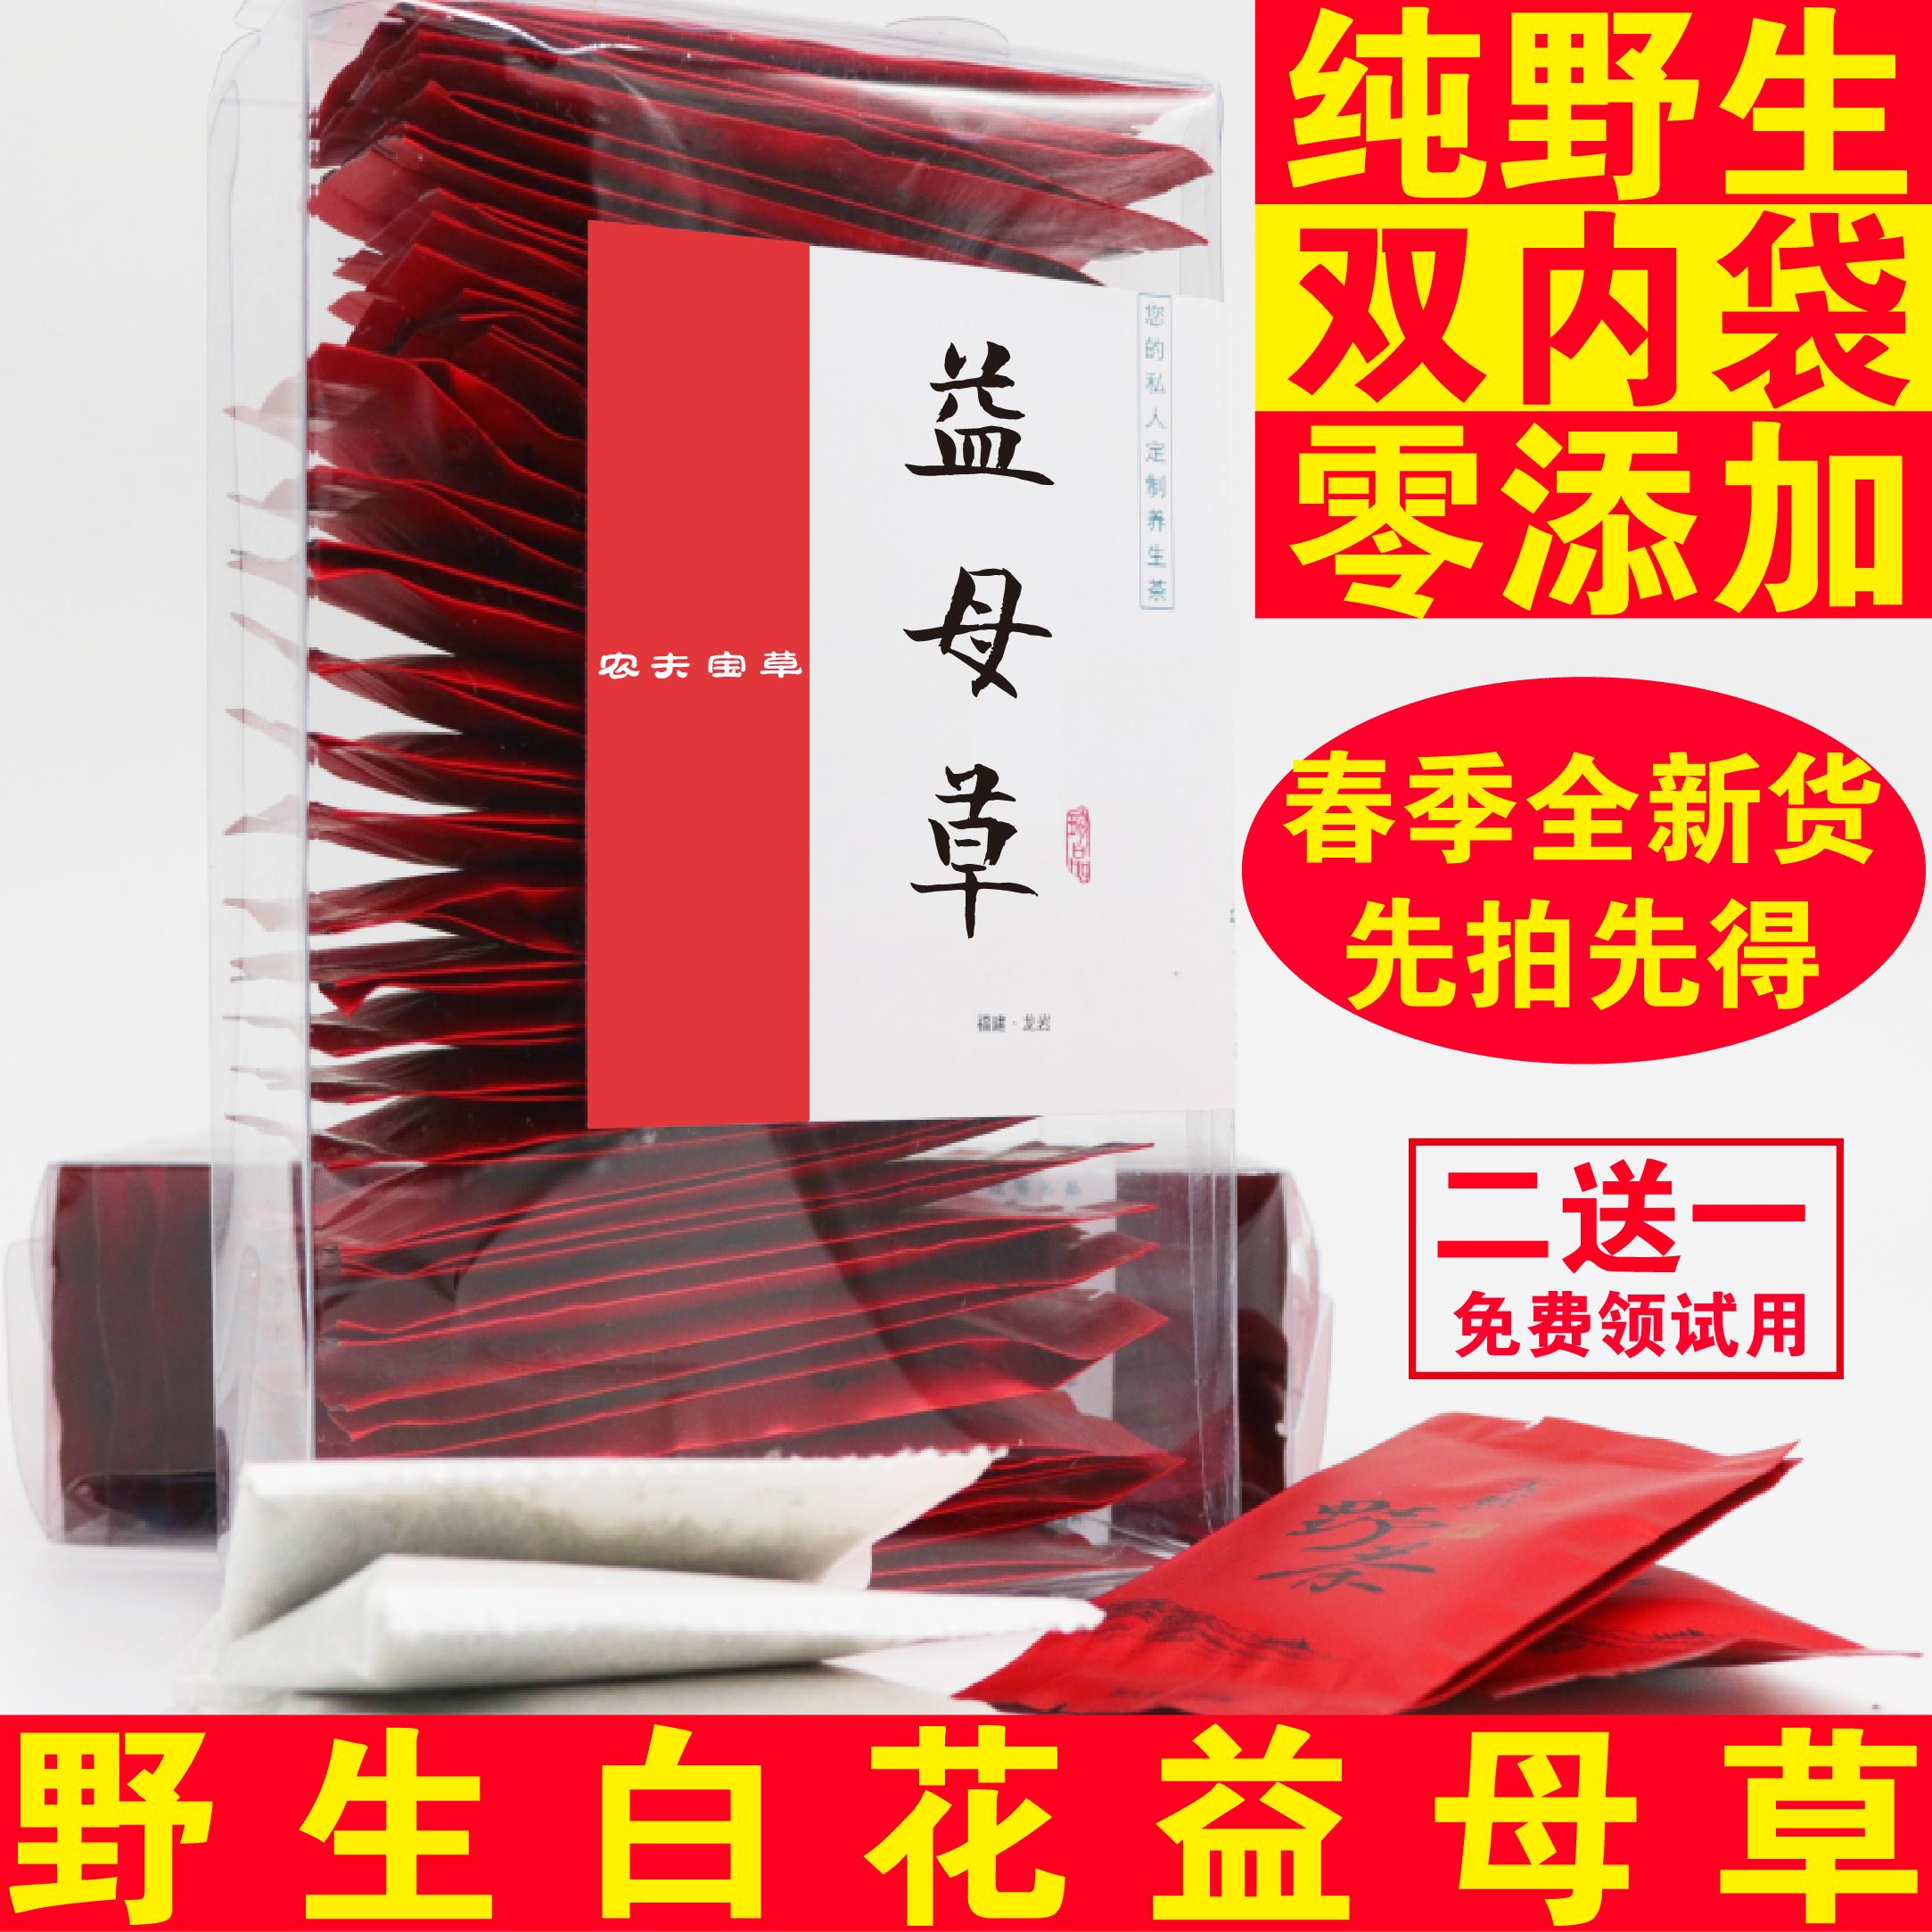 Выгода мать трава чай красный мармелад выгода мать трава чай 17 новый год товары бог сельское хозяйство полка чистый дикий выгода мать трава чай традиционная китайская медицина лесоматериалы нет сера дым